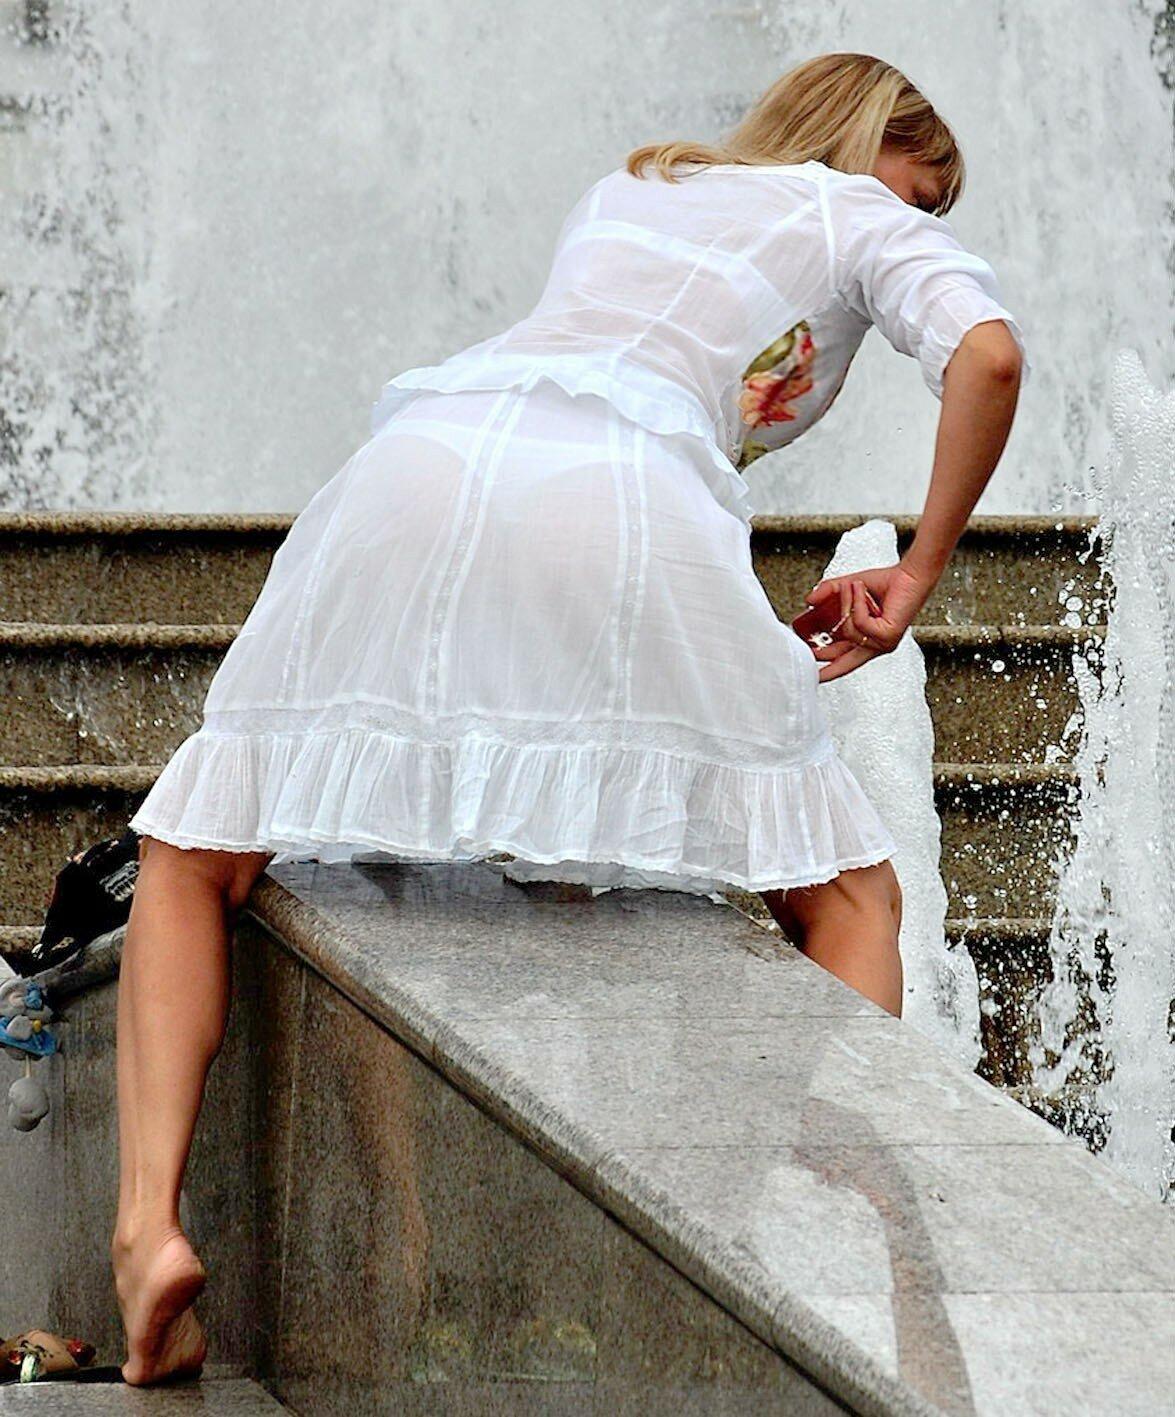 Девушки в просвечивающих юбках подсмотренные фото частные, облизывает тарелку со спермой порно видео